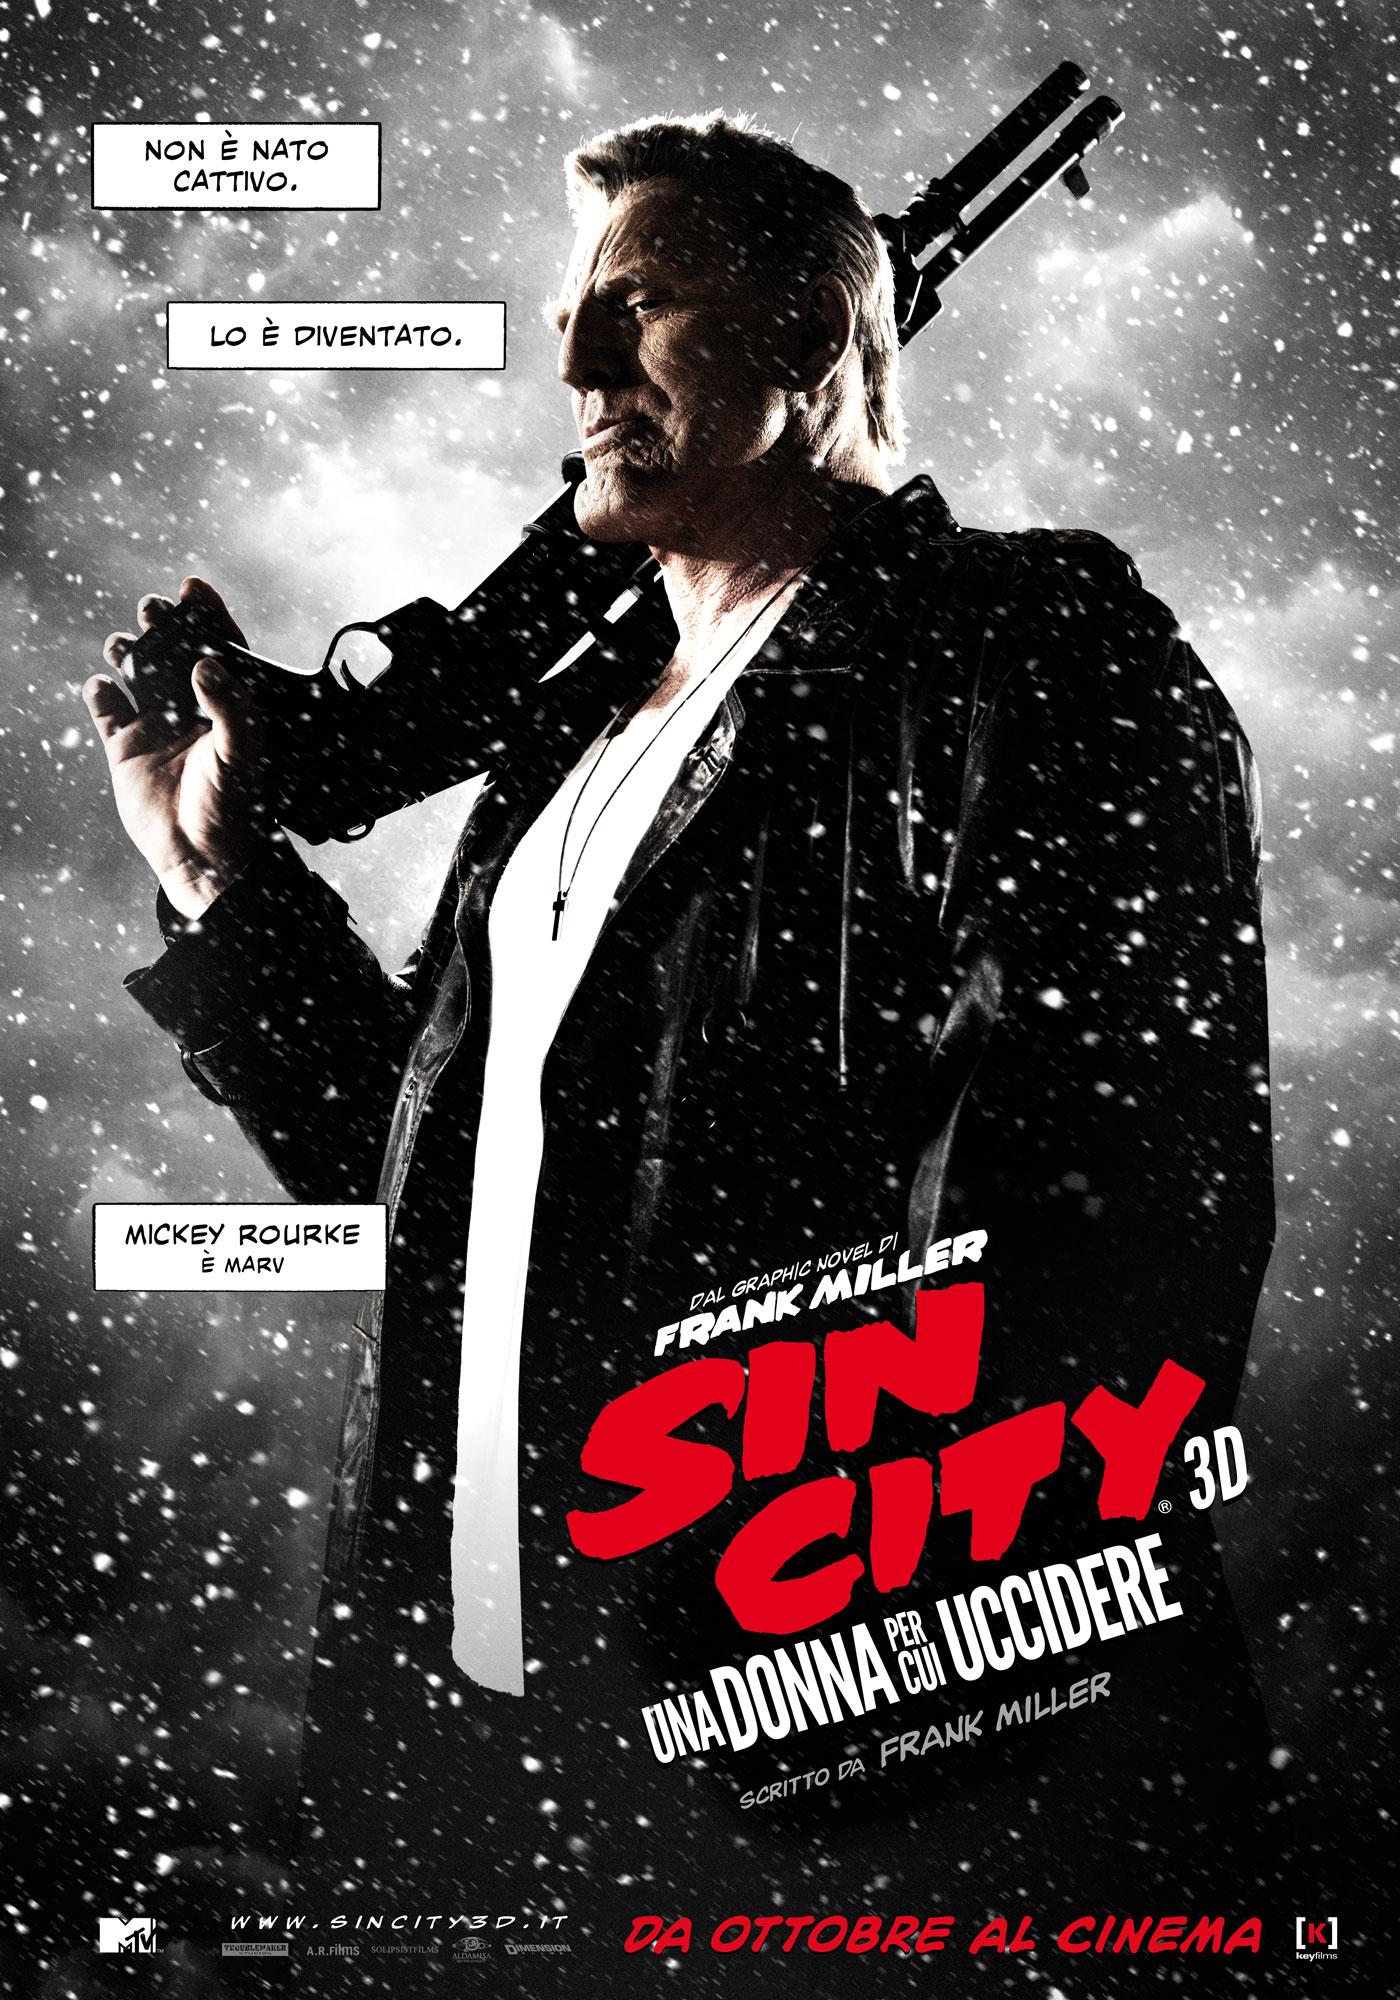 Sin City - Una donna per cui uccidere: il character poster italiano di Mickey Rourke